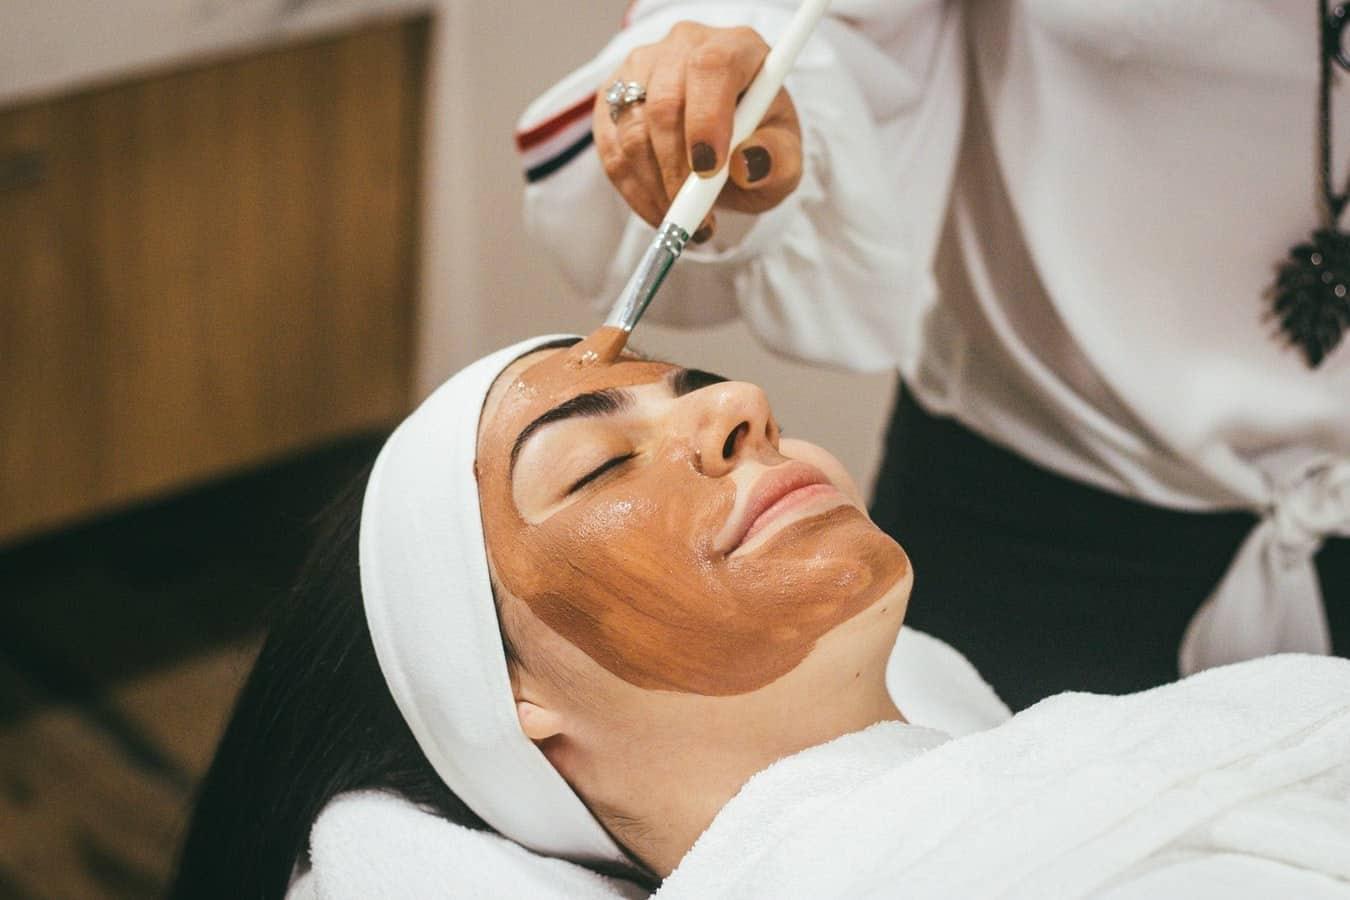 Mulher passando uma máscara de hidratação no rosto de outra mulher.